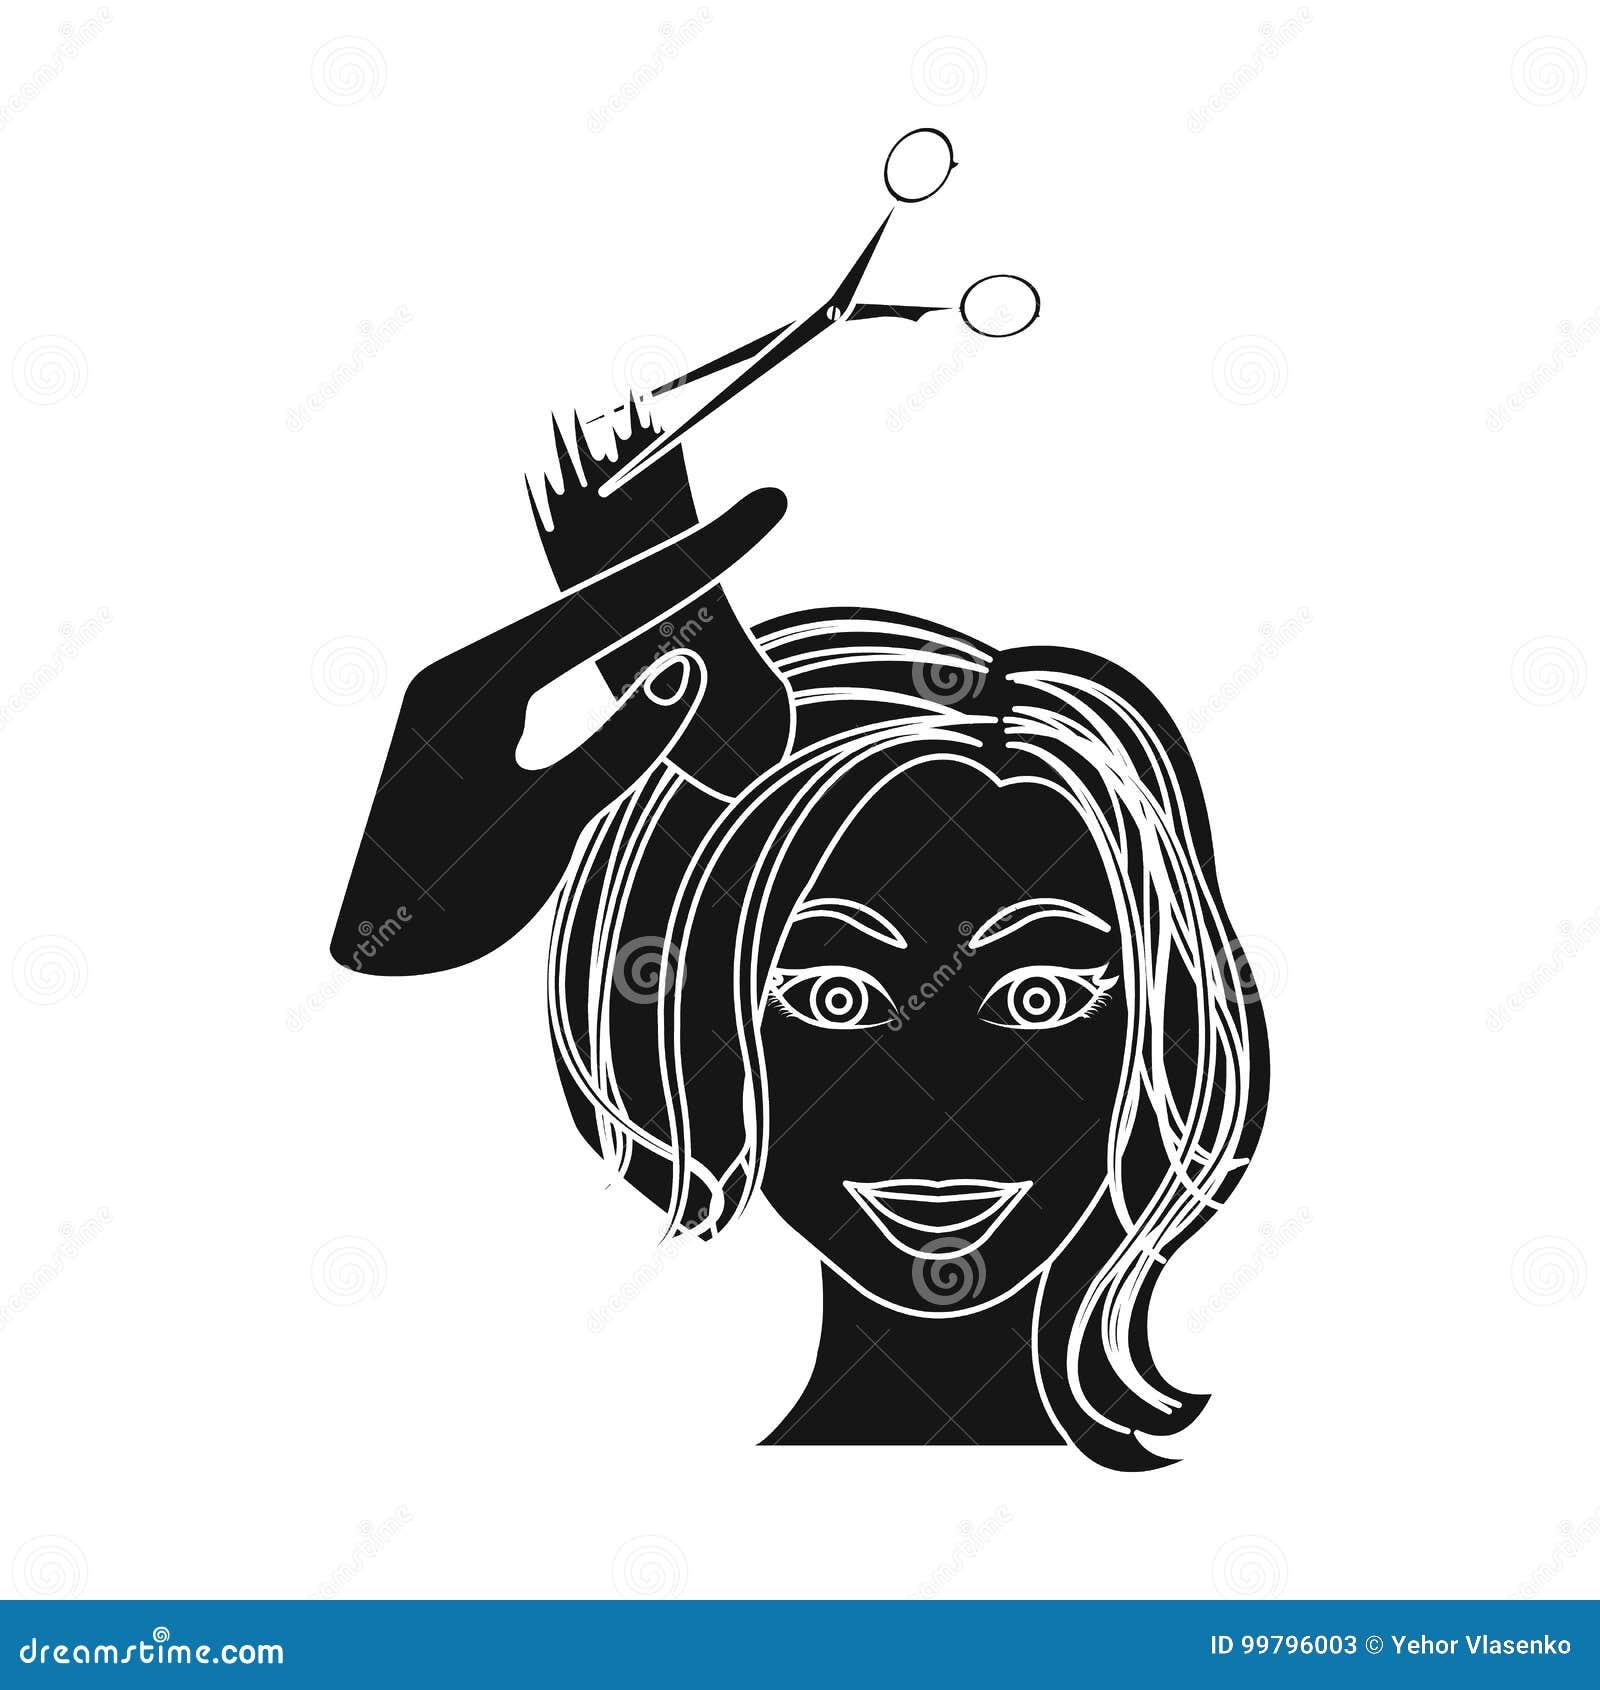 Hair Cutting Scissors Cartoon 21